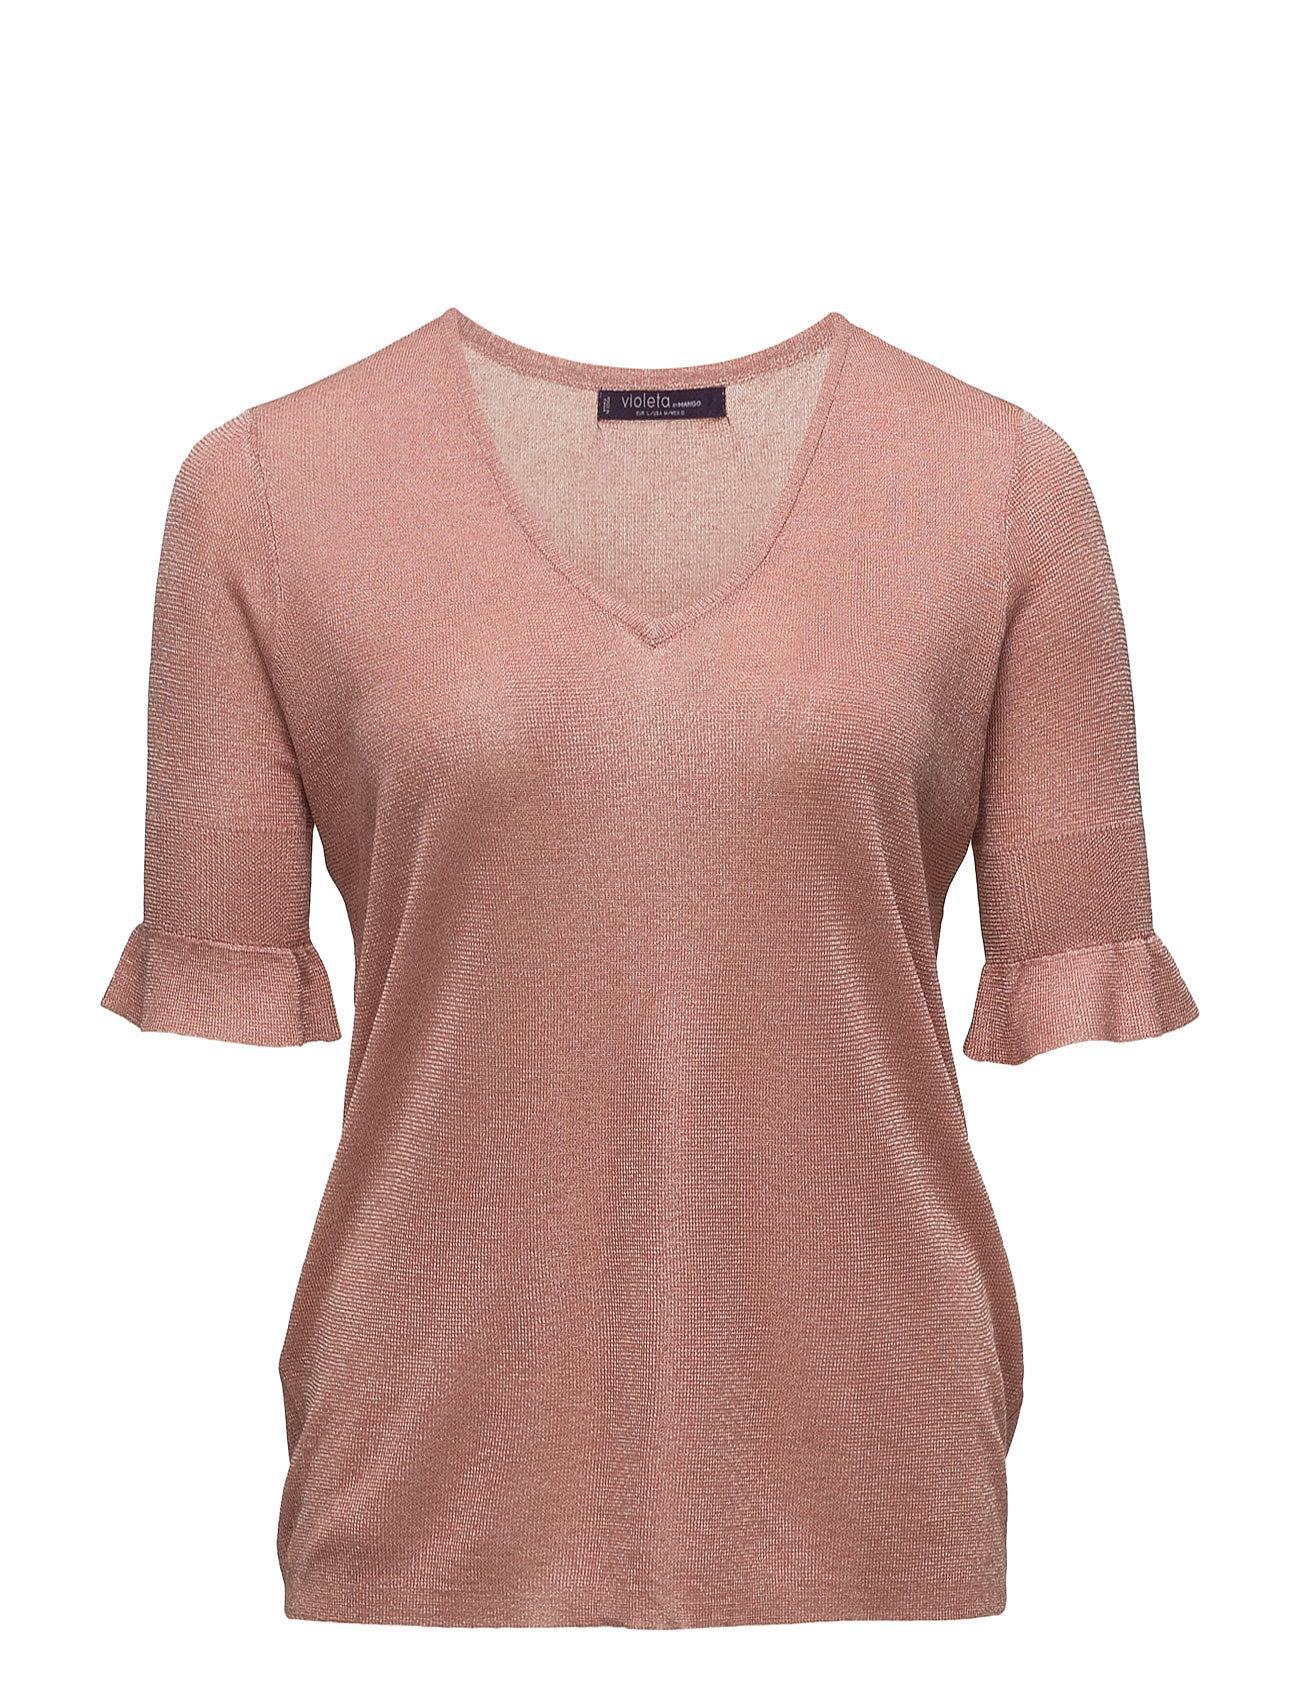 Ruffled Detail Sweater Violeta by Mango Sweatshirts til Damer i Lt-Pastel Orange